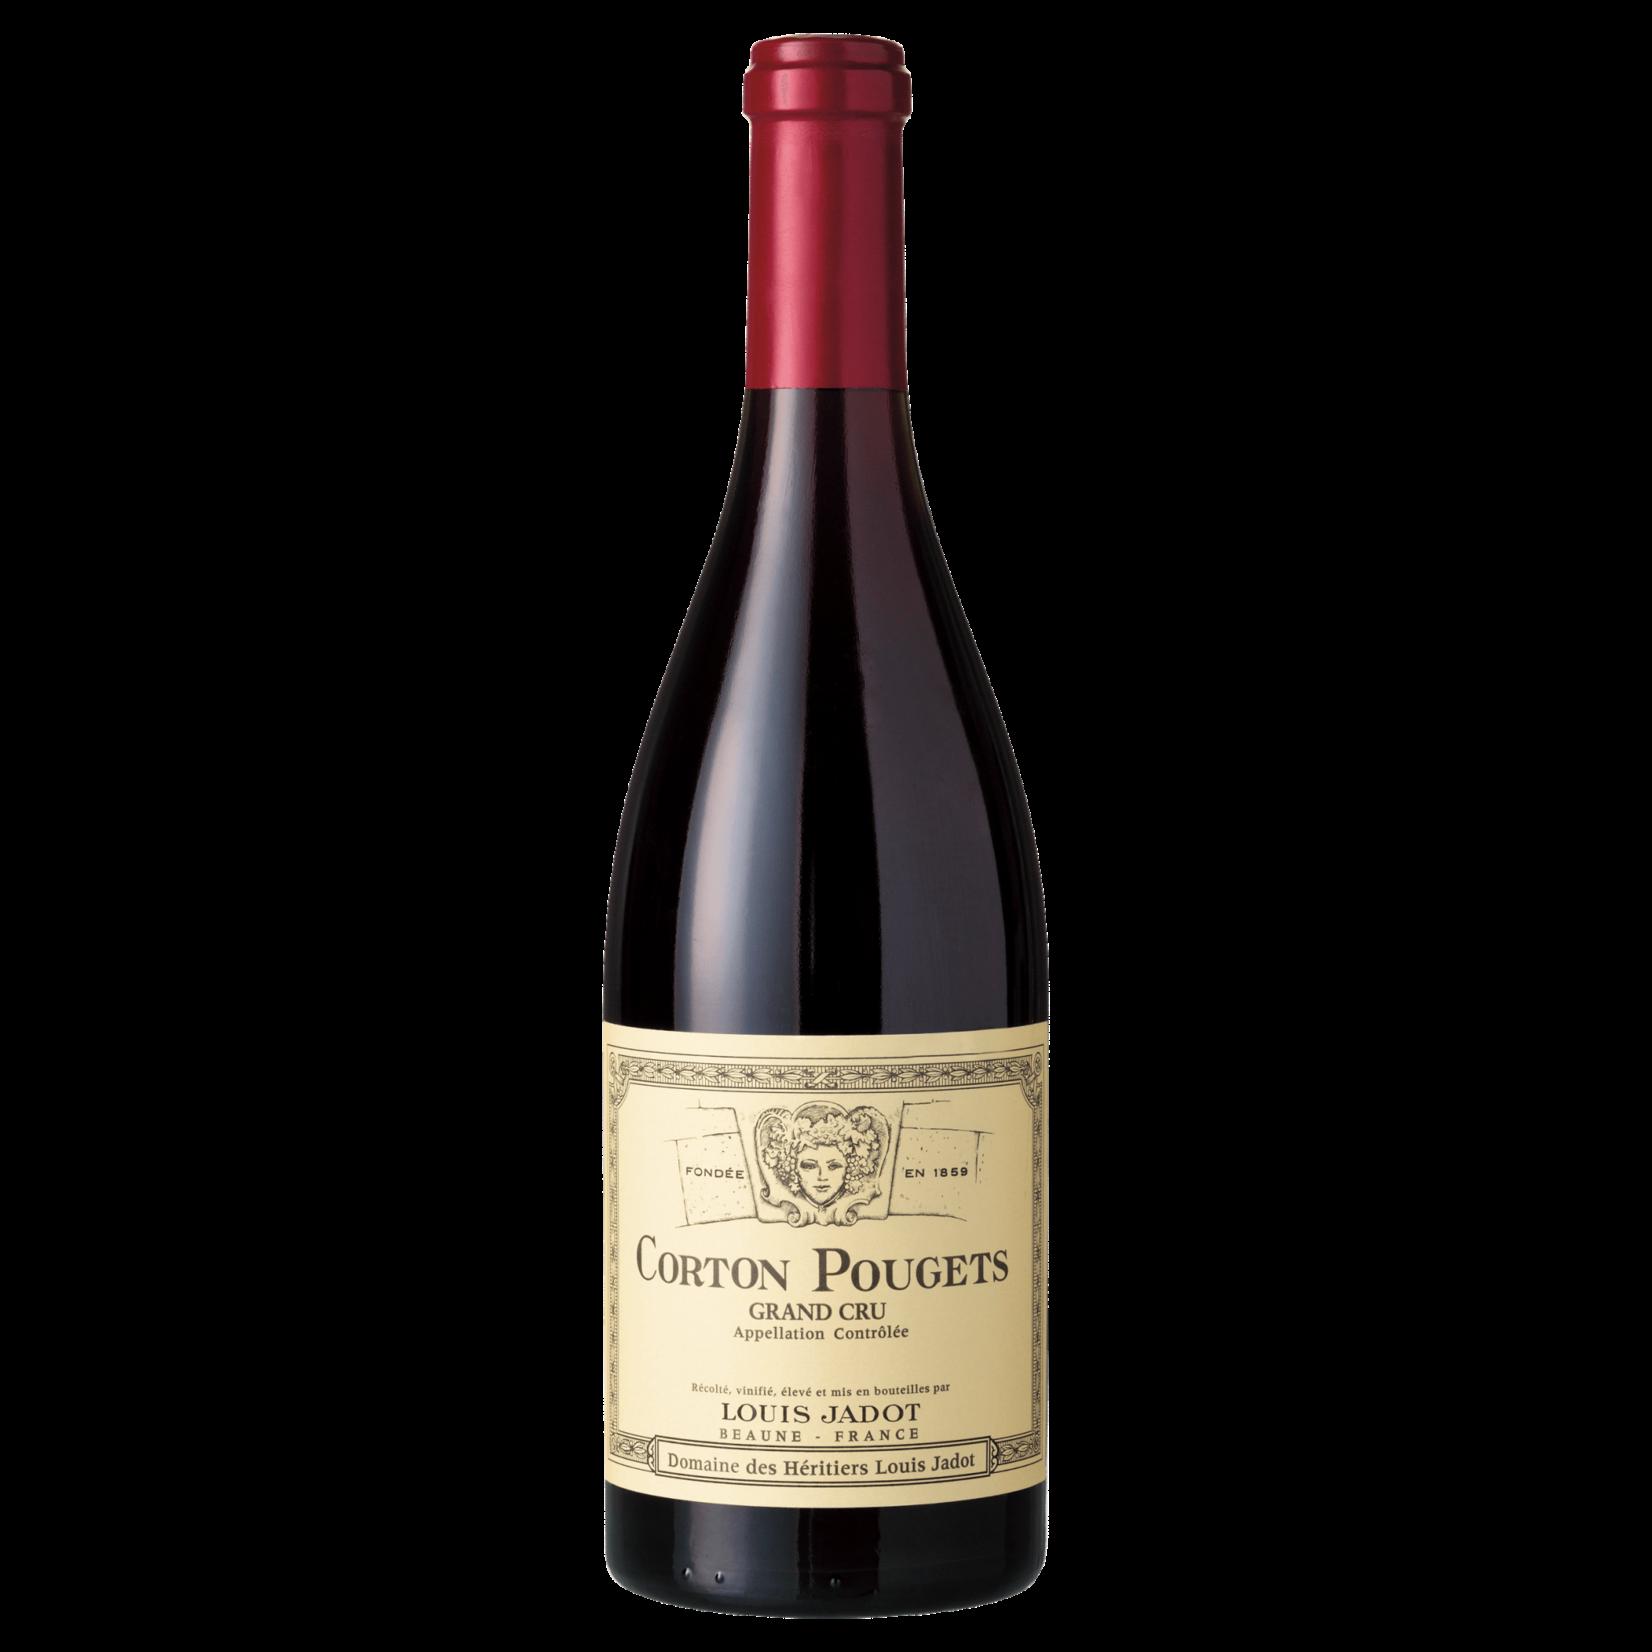 Wine Corton-Pougets Grand Cru, Domaine des Héritiers Louis Jadot 2019